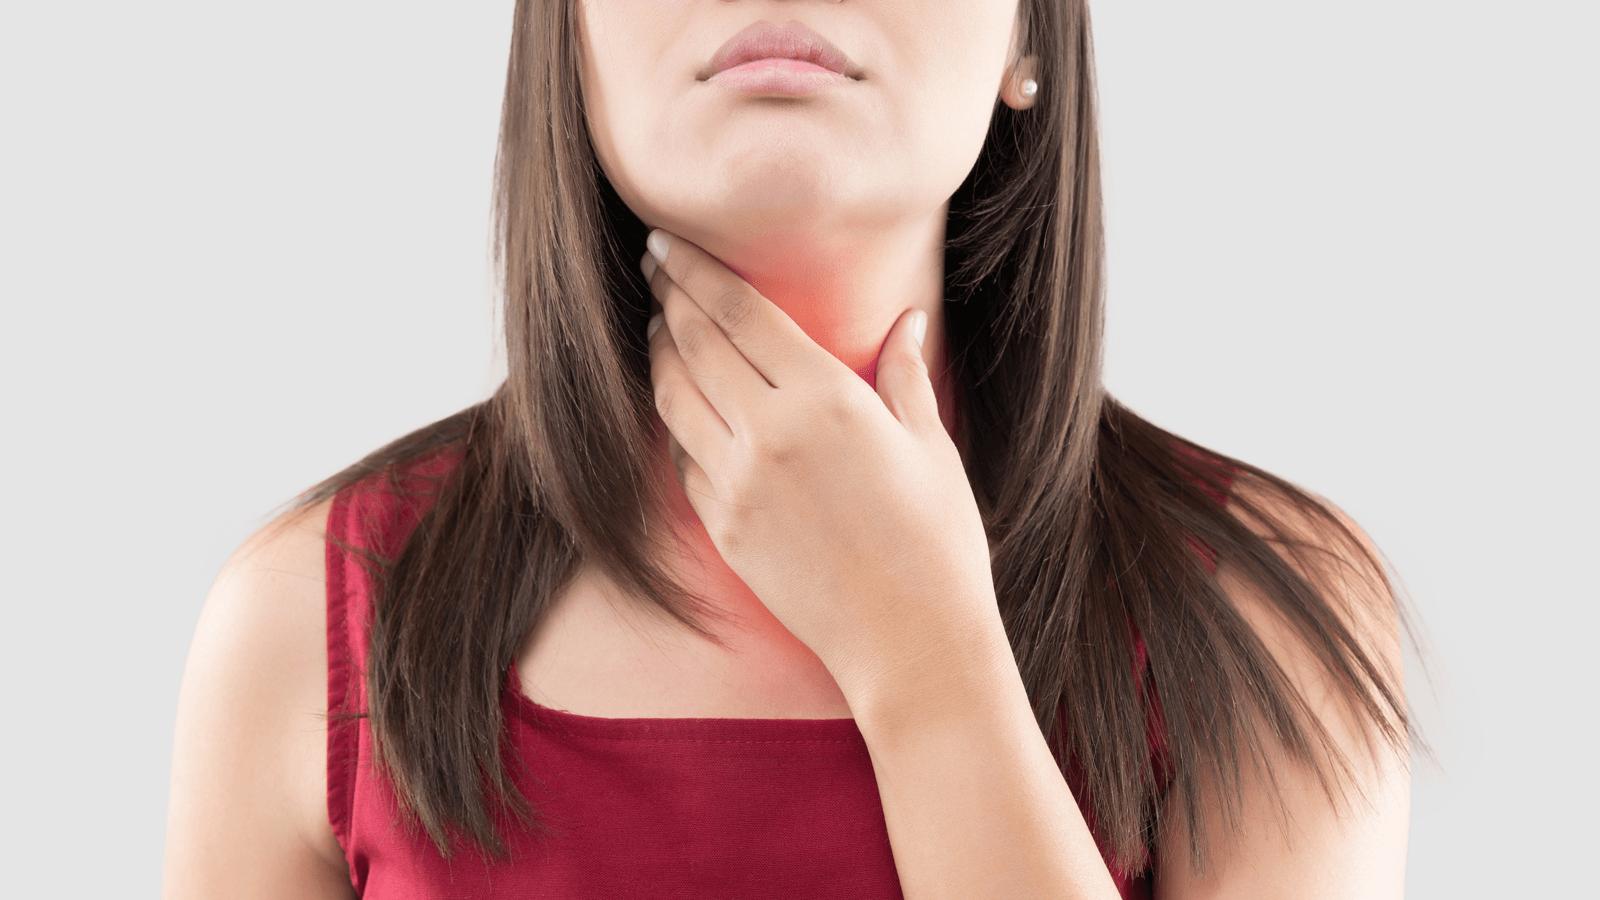 Ung thư vòm họng giai đoạn đầu